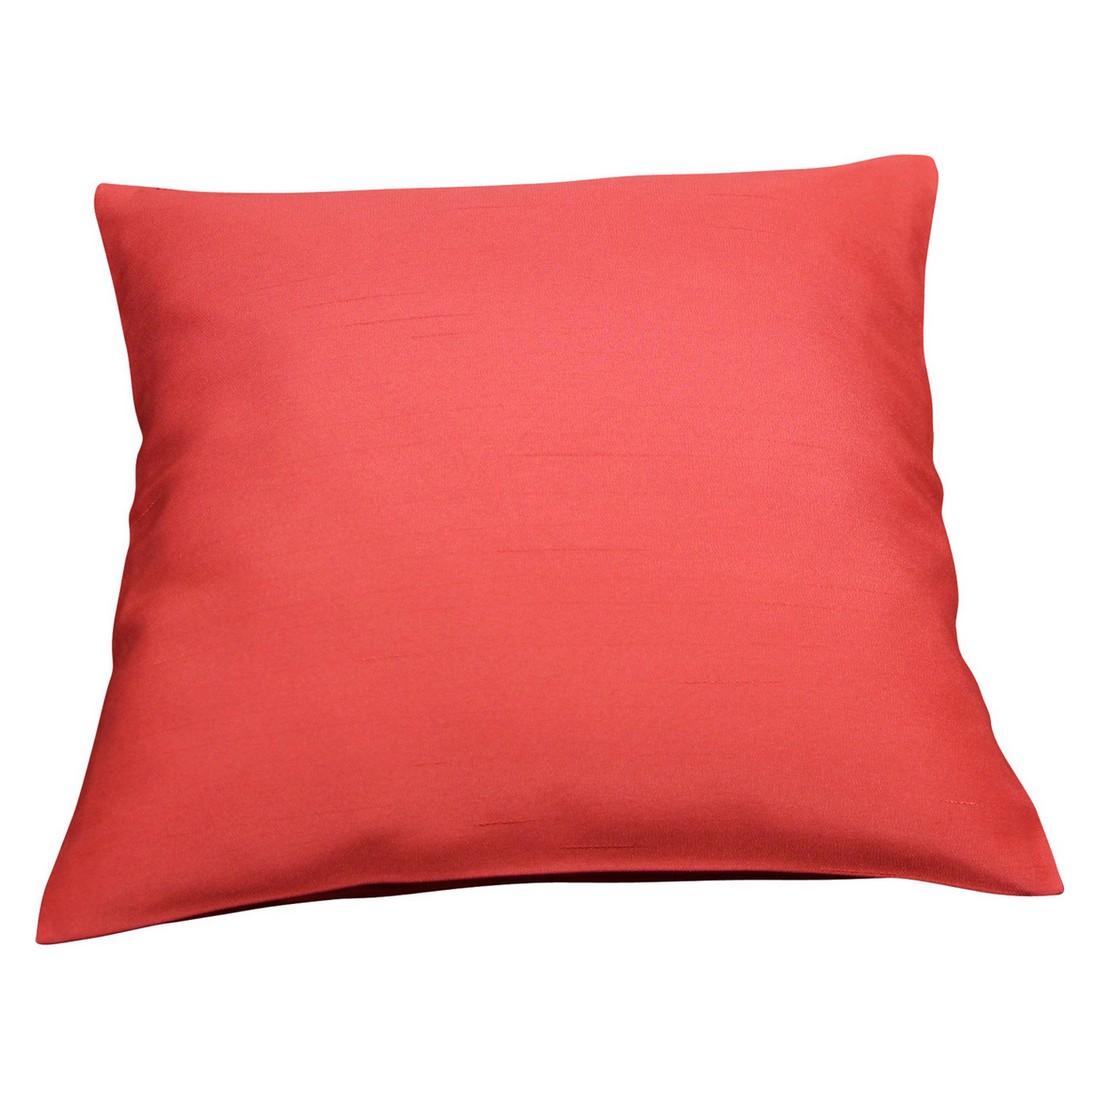 esprit kissenhlle 50x50 top fabulous esprit home kissenhlle gre x cm rot with esprit kissenhlle. Black Bedroom Furniture Sets. Home Design Ideas